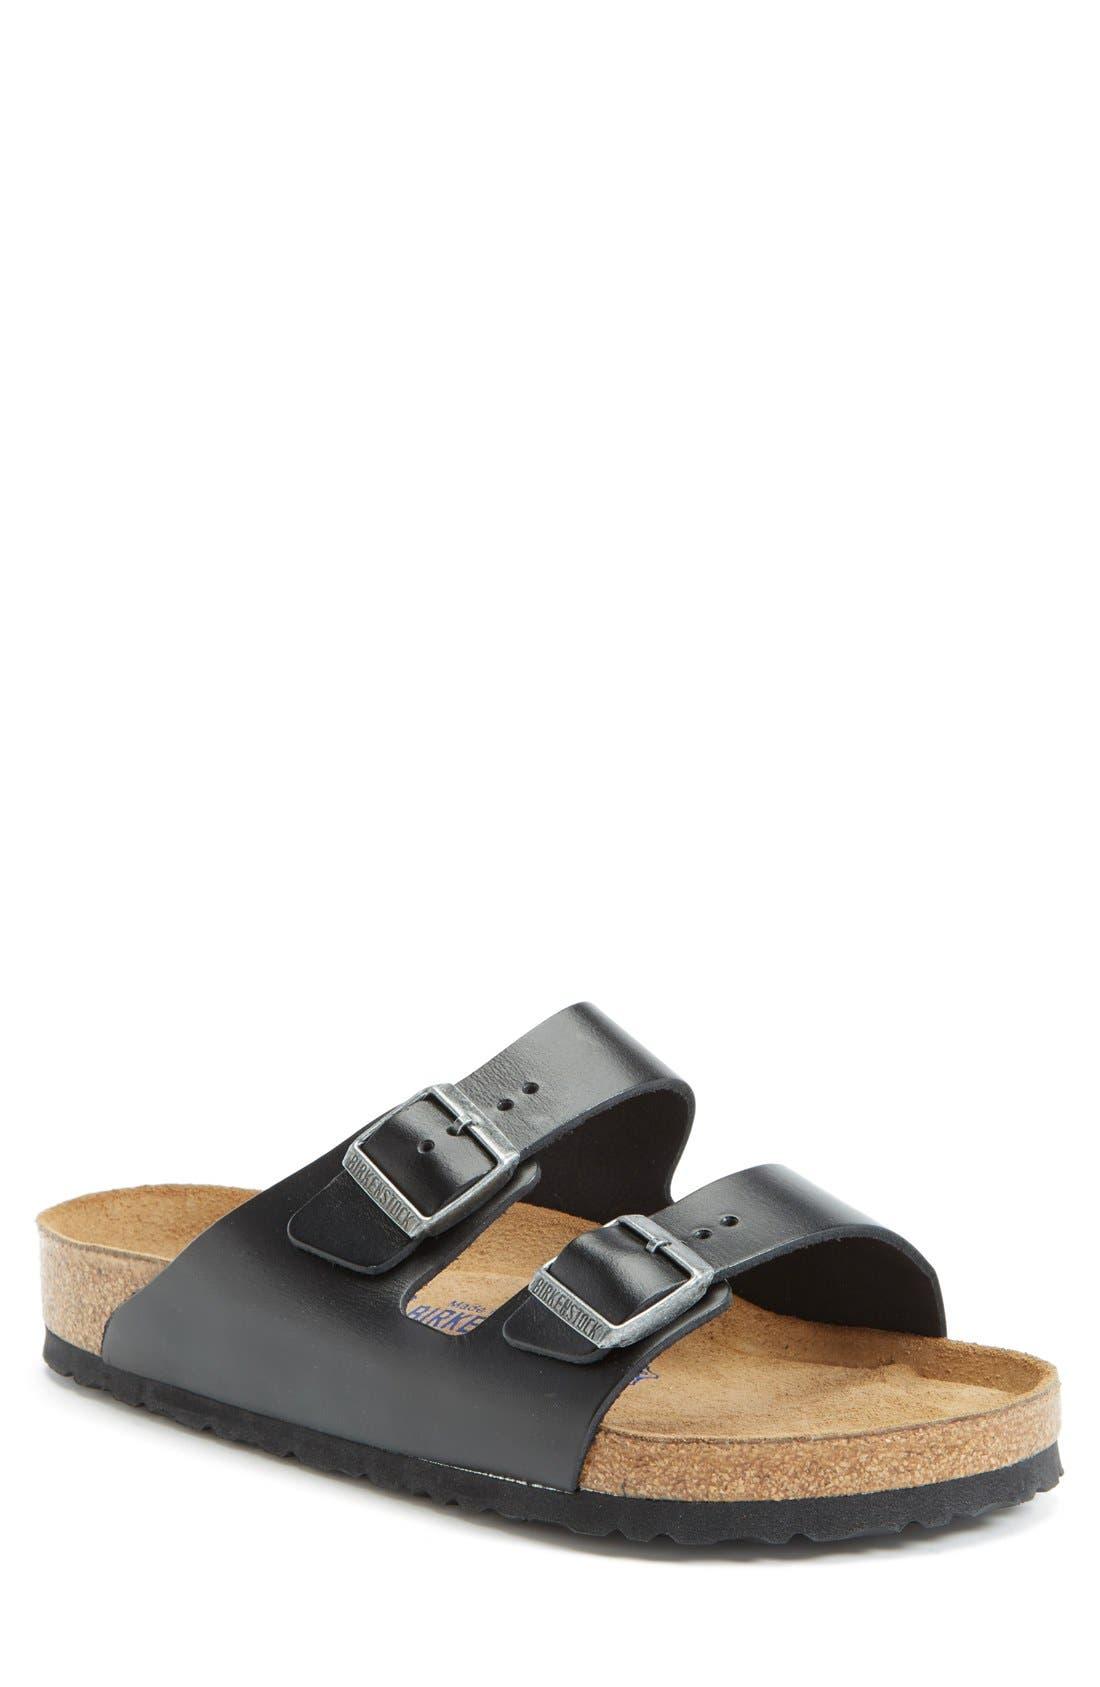 BIRKENSTOCK, 'Arizona Soft' Sandal, Main thumbnail 1, color, BLACK